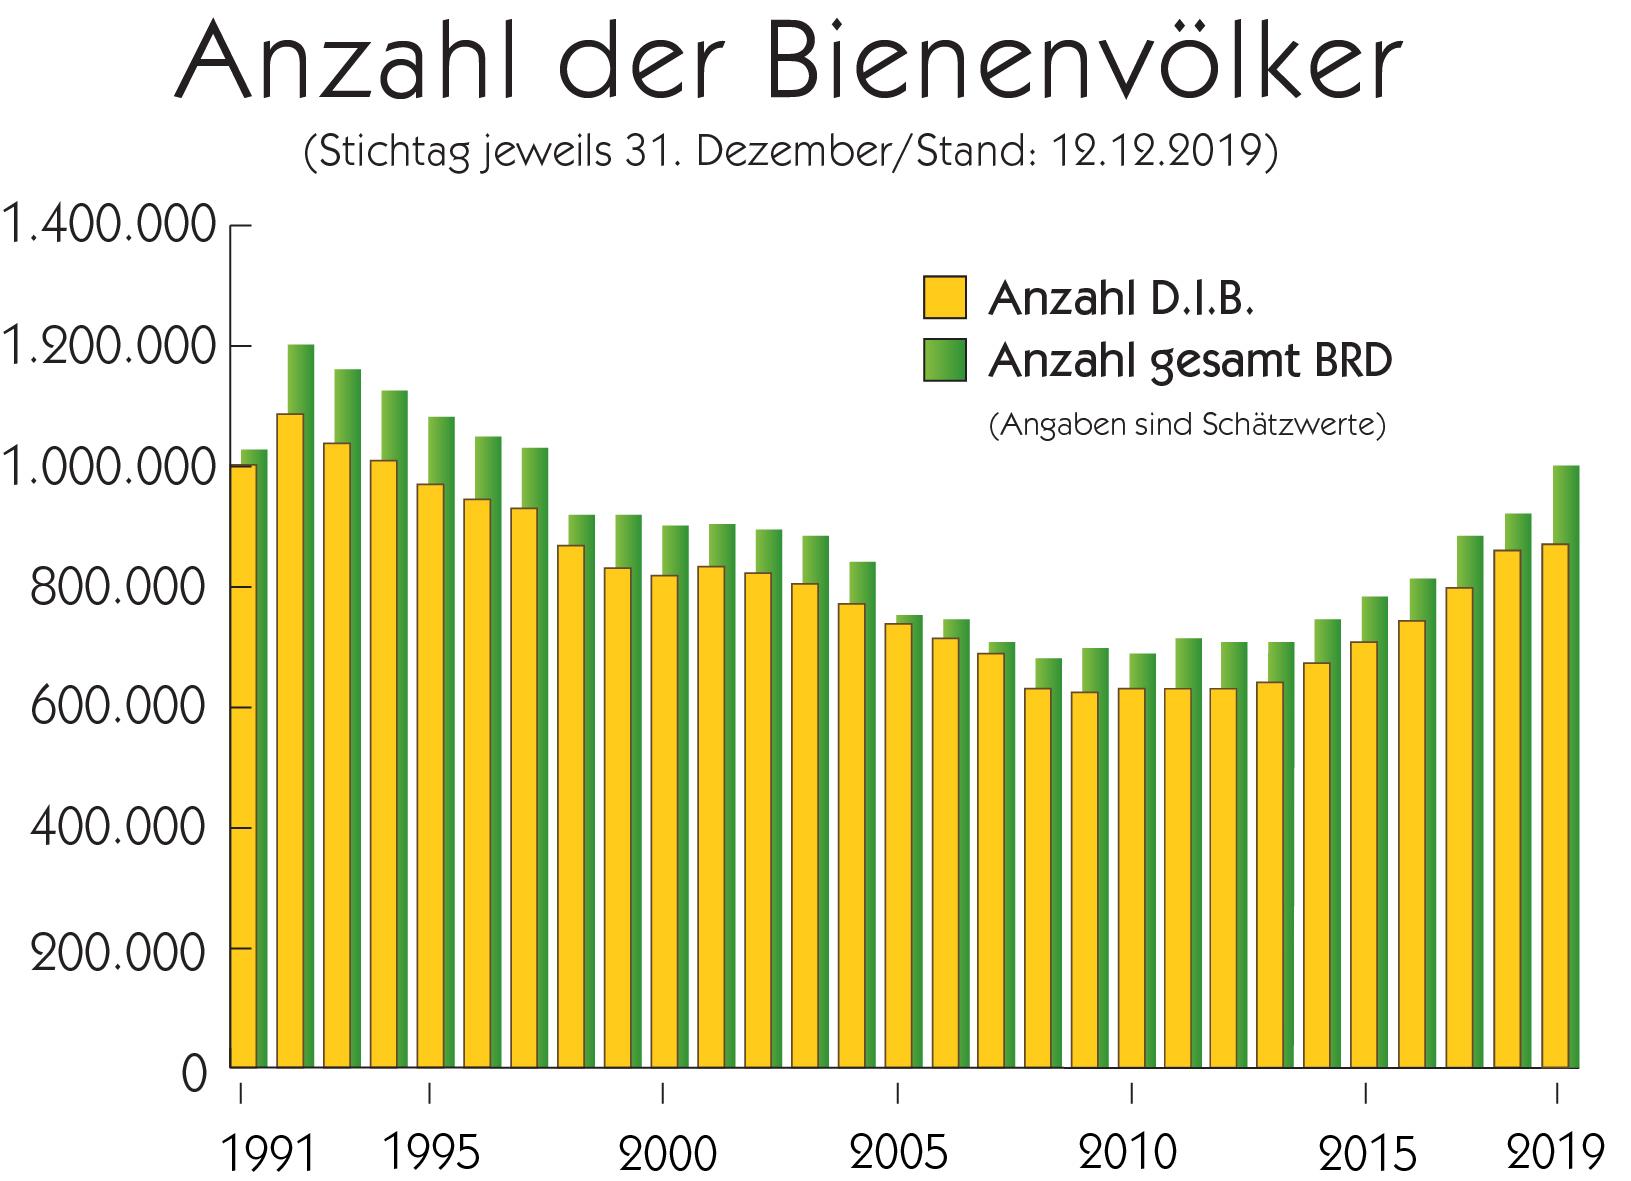 Darstellung der Anzahl der Bienenvölker in Deutschland